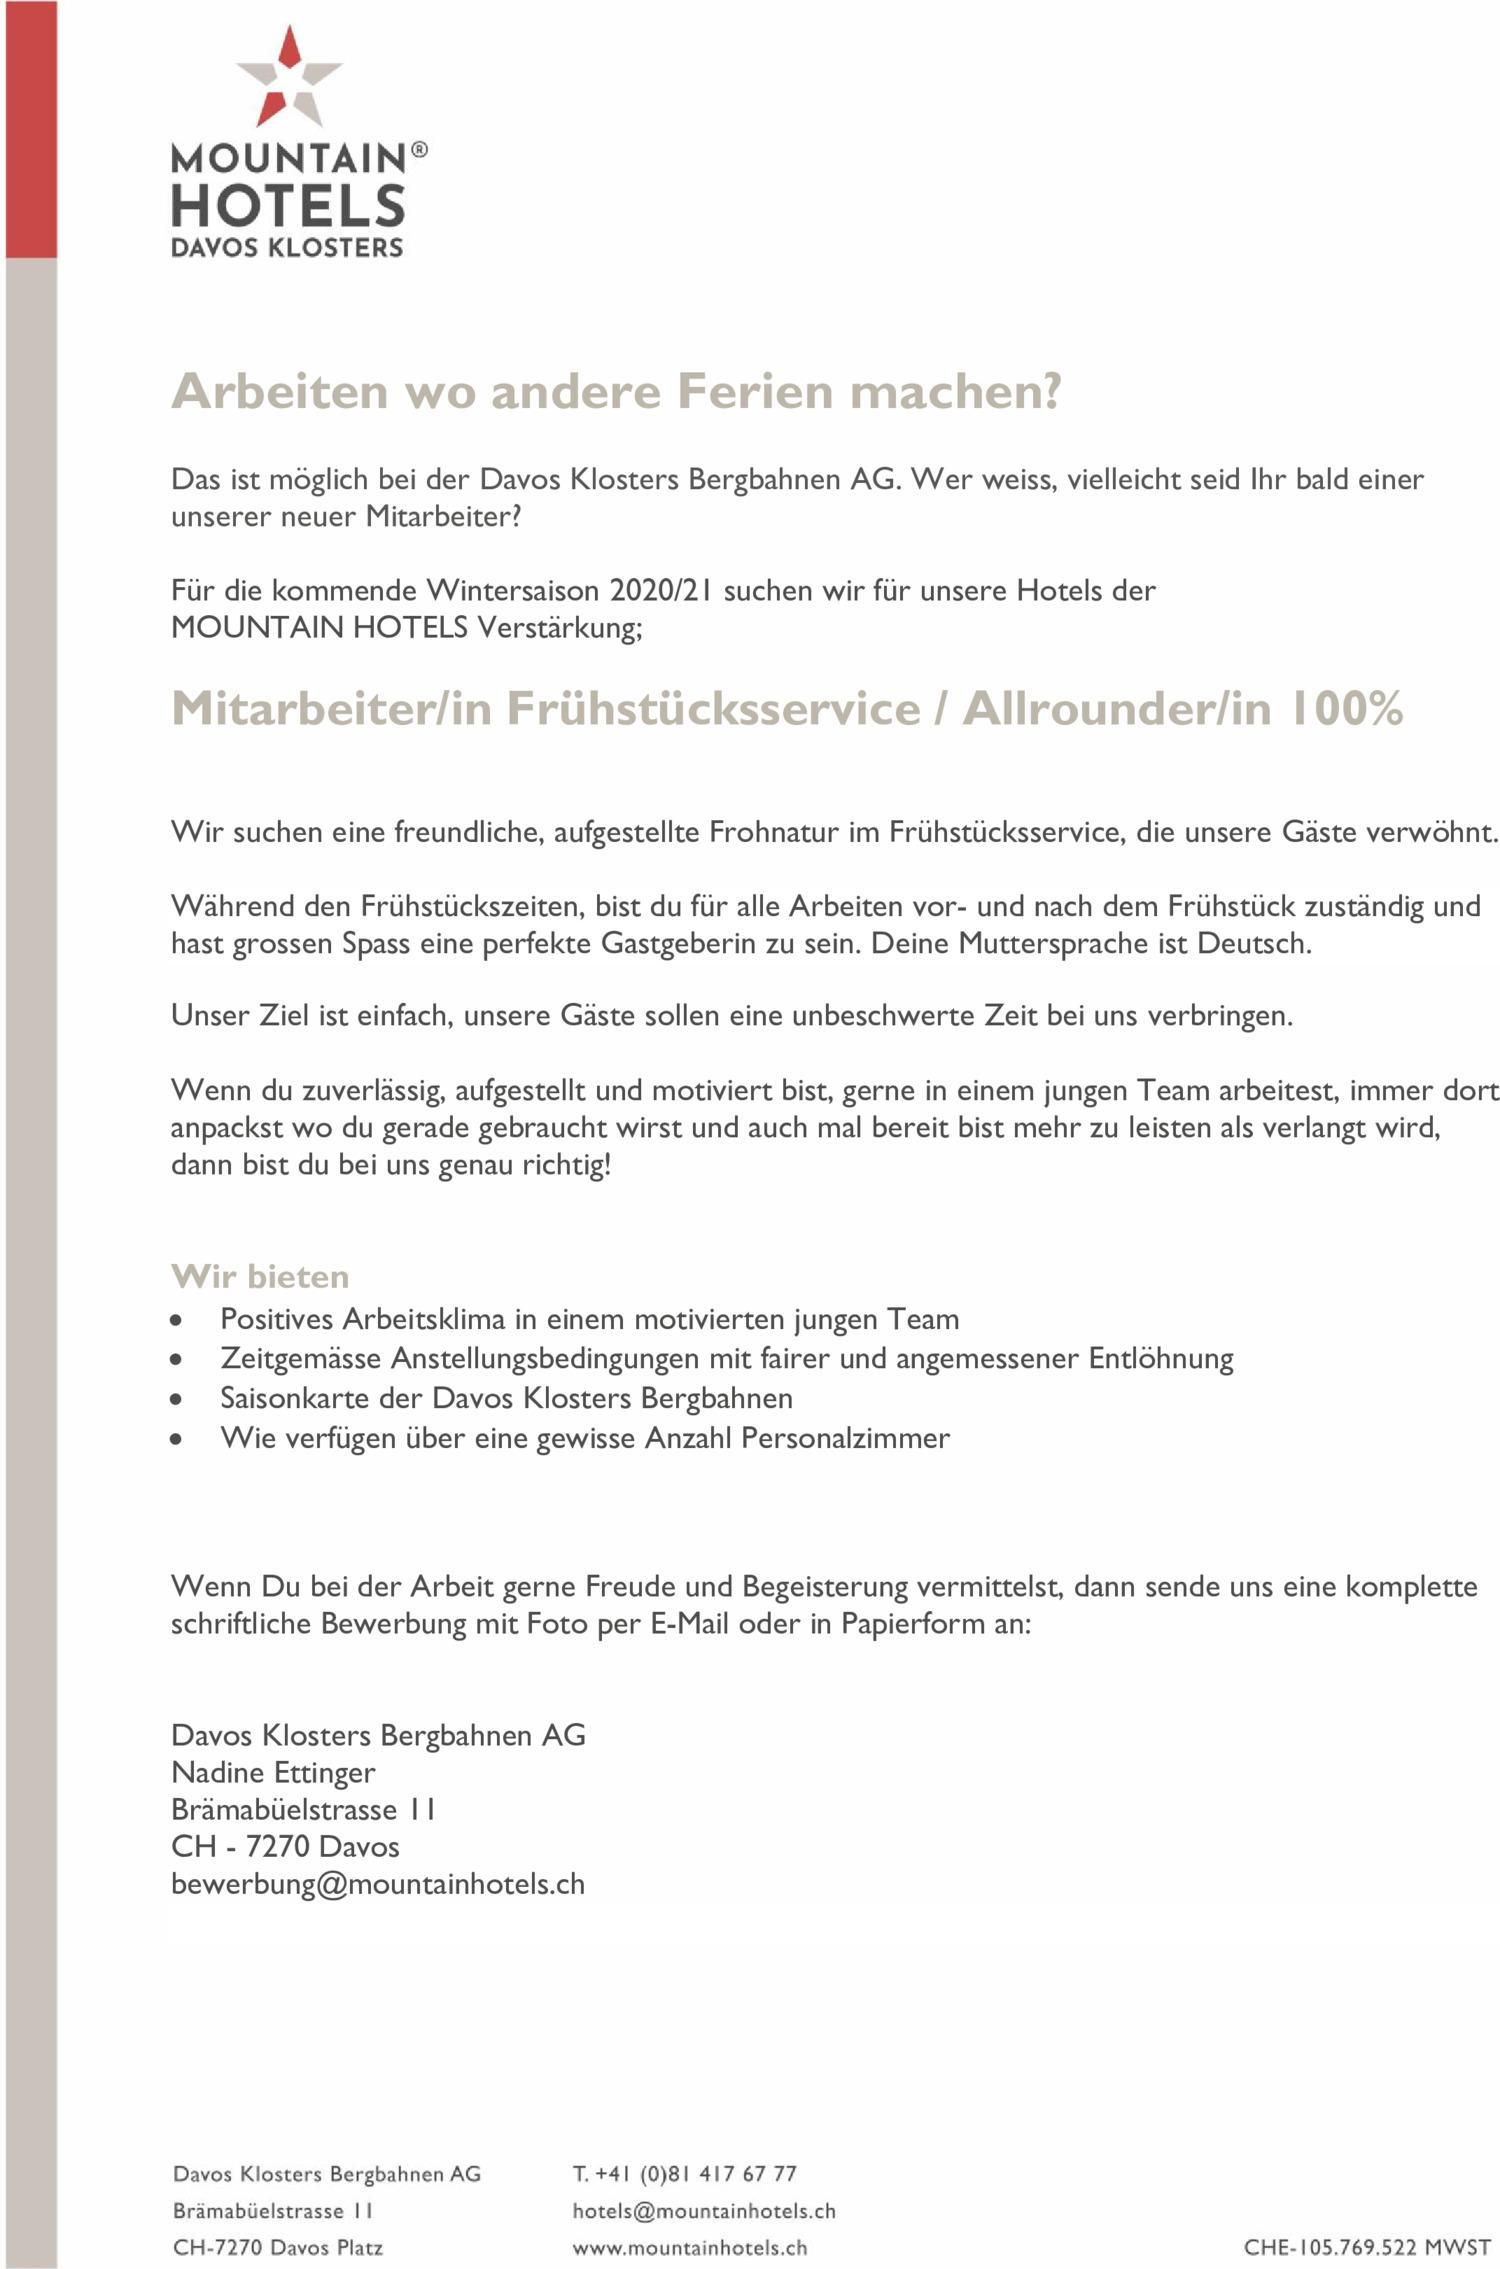 Inserat Davos Klosters Bergbahnen AG: Mitarbeiter/in Frühstücksservice / Allrounder/in 100%